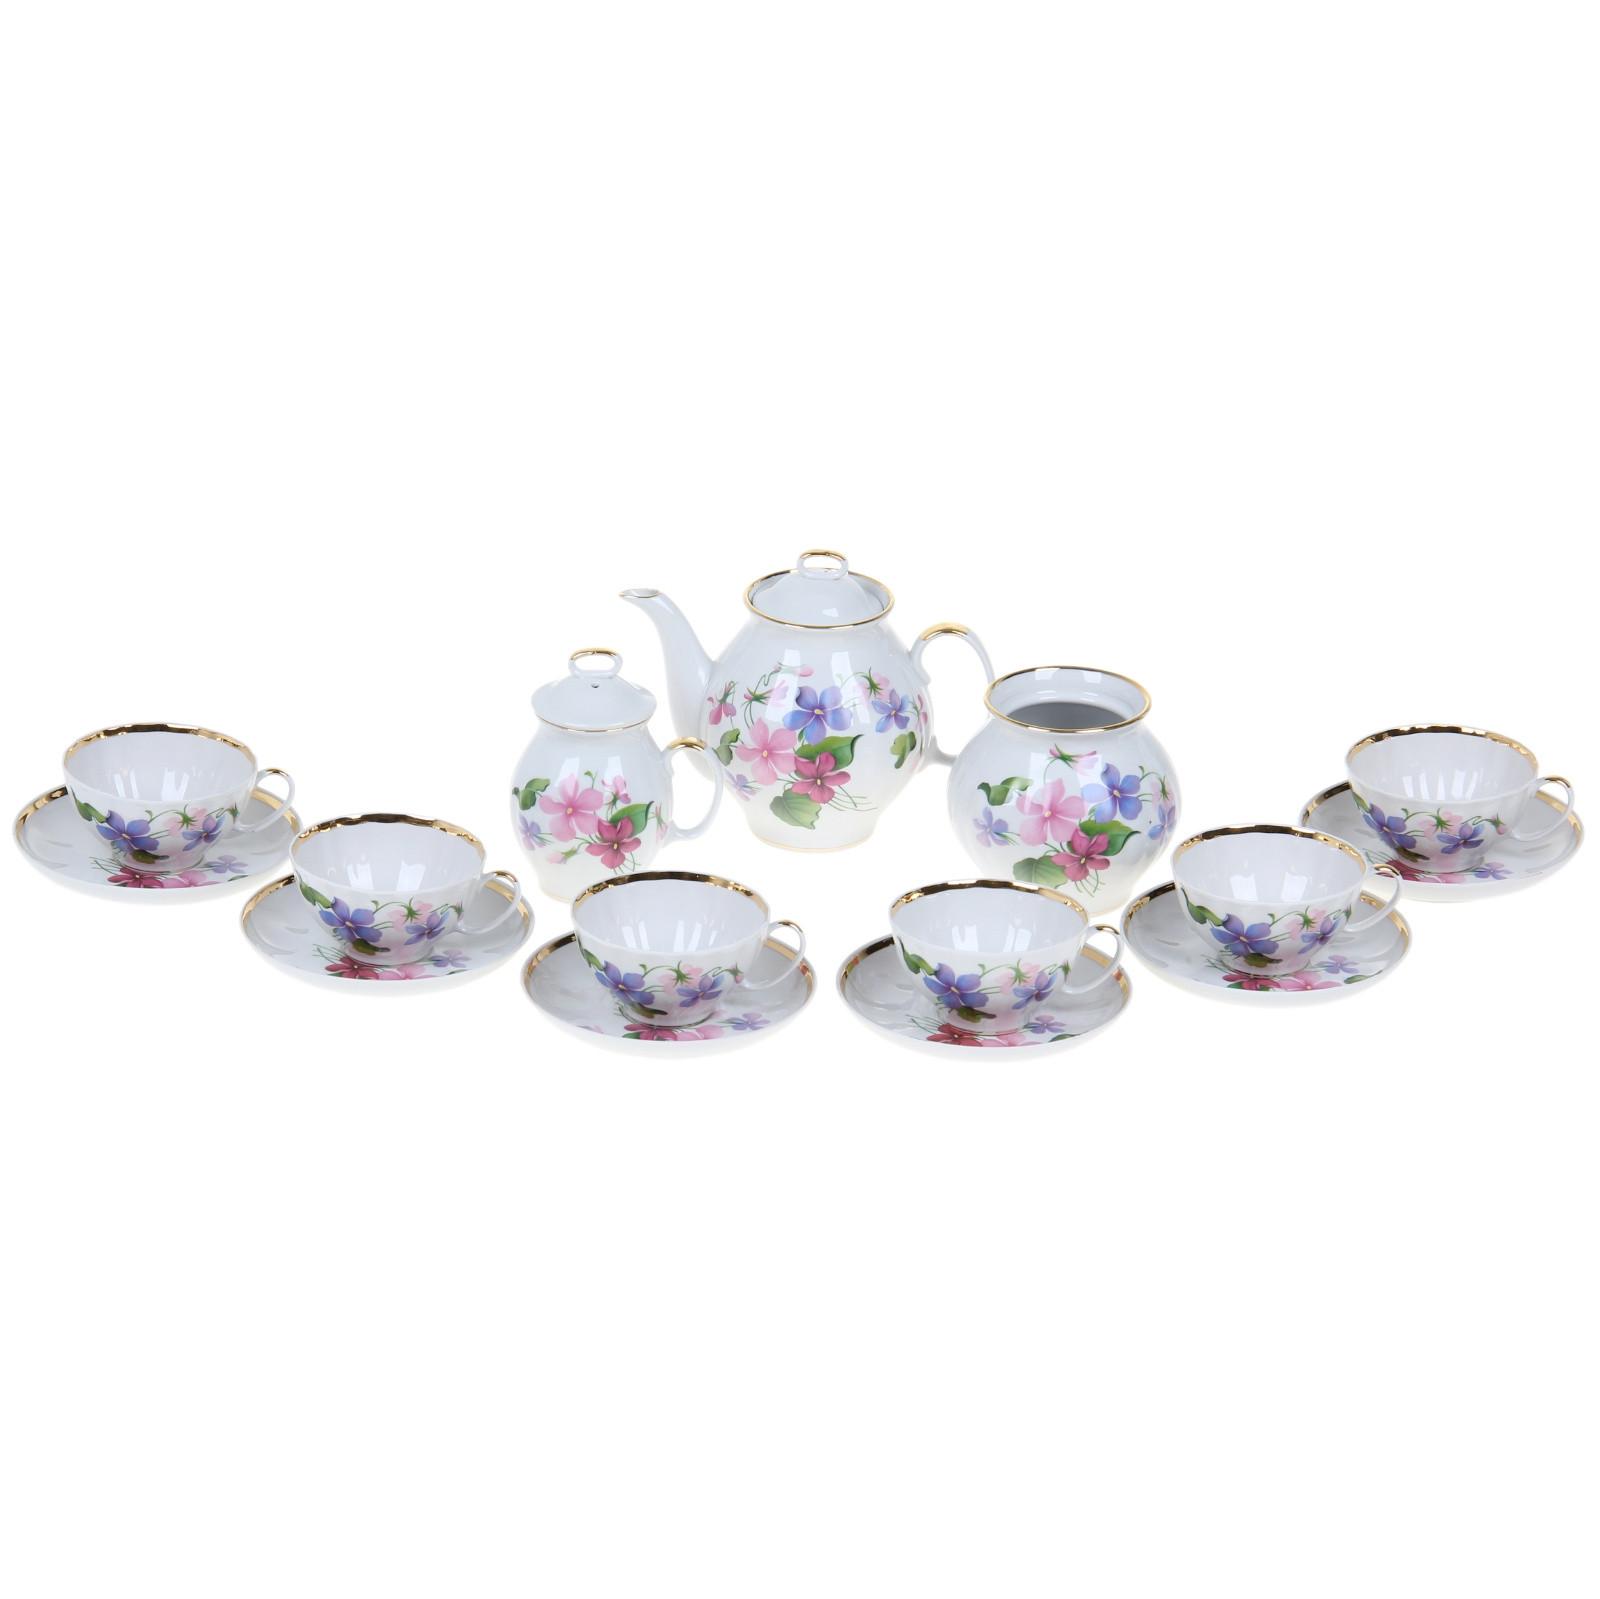 Сервиз чайный Фиалки, 15 предметов